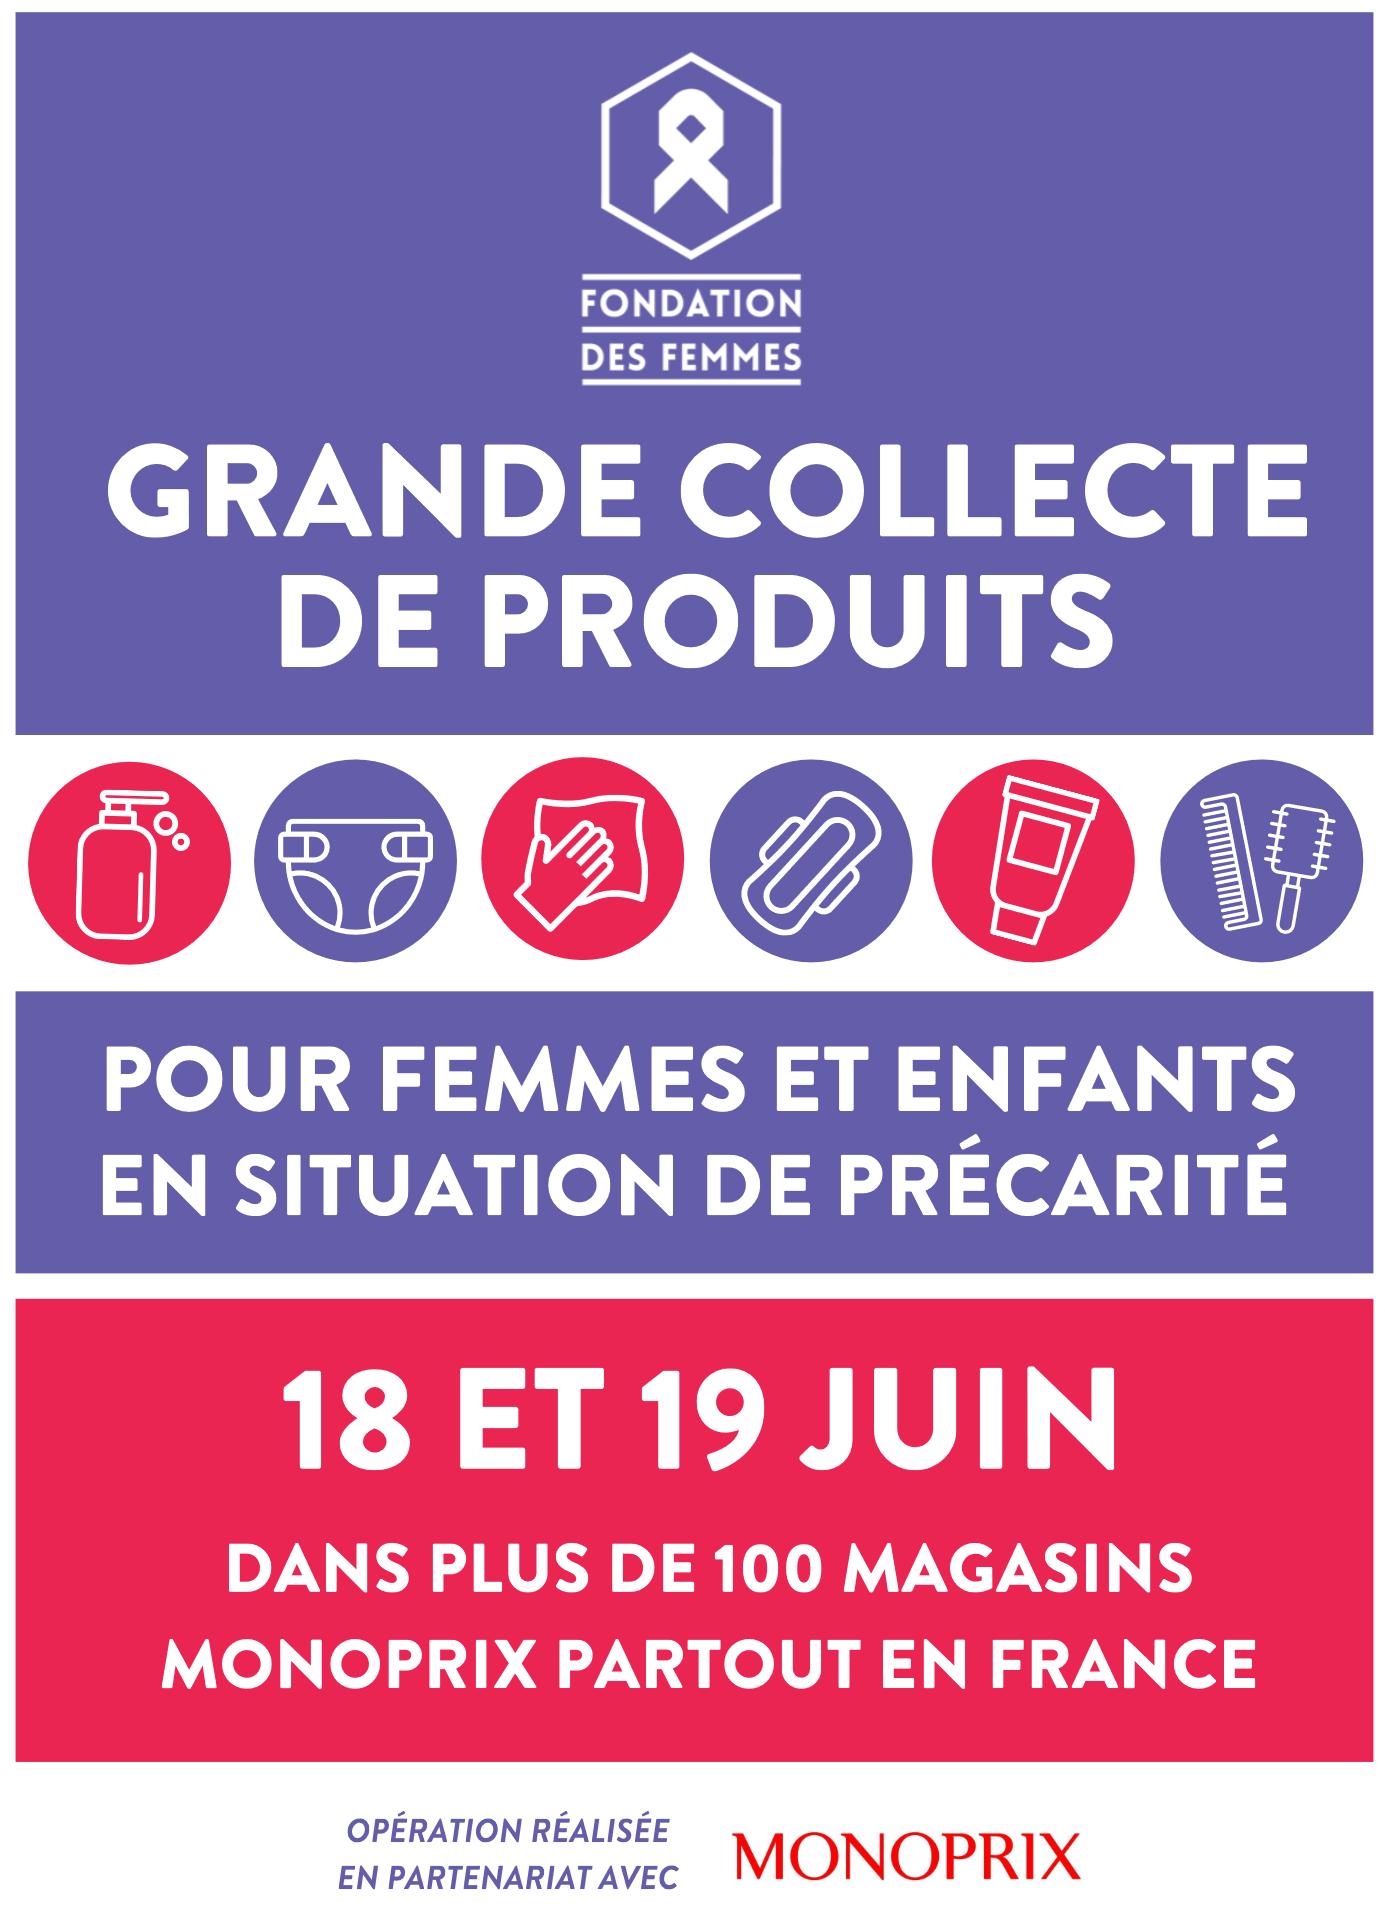 18 & 19 JUIN 2021 – Grande collecte hygiène et soins pour femmes et enfants en grande précarité – La Fondation des Femmes s'engage